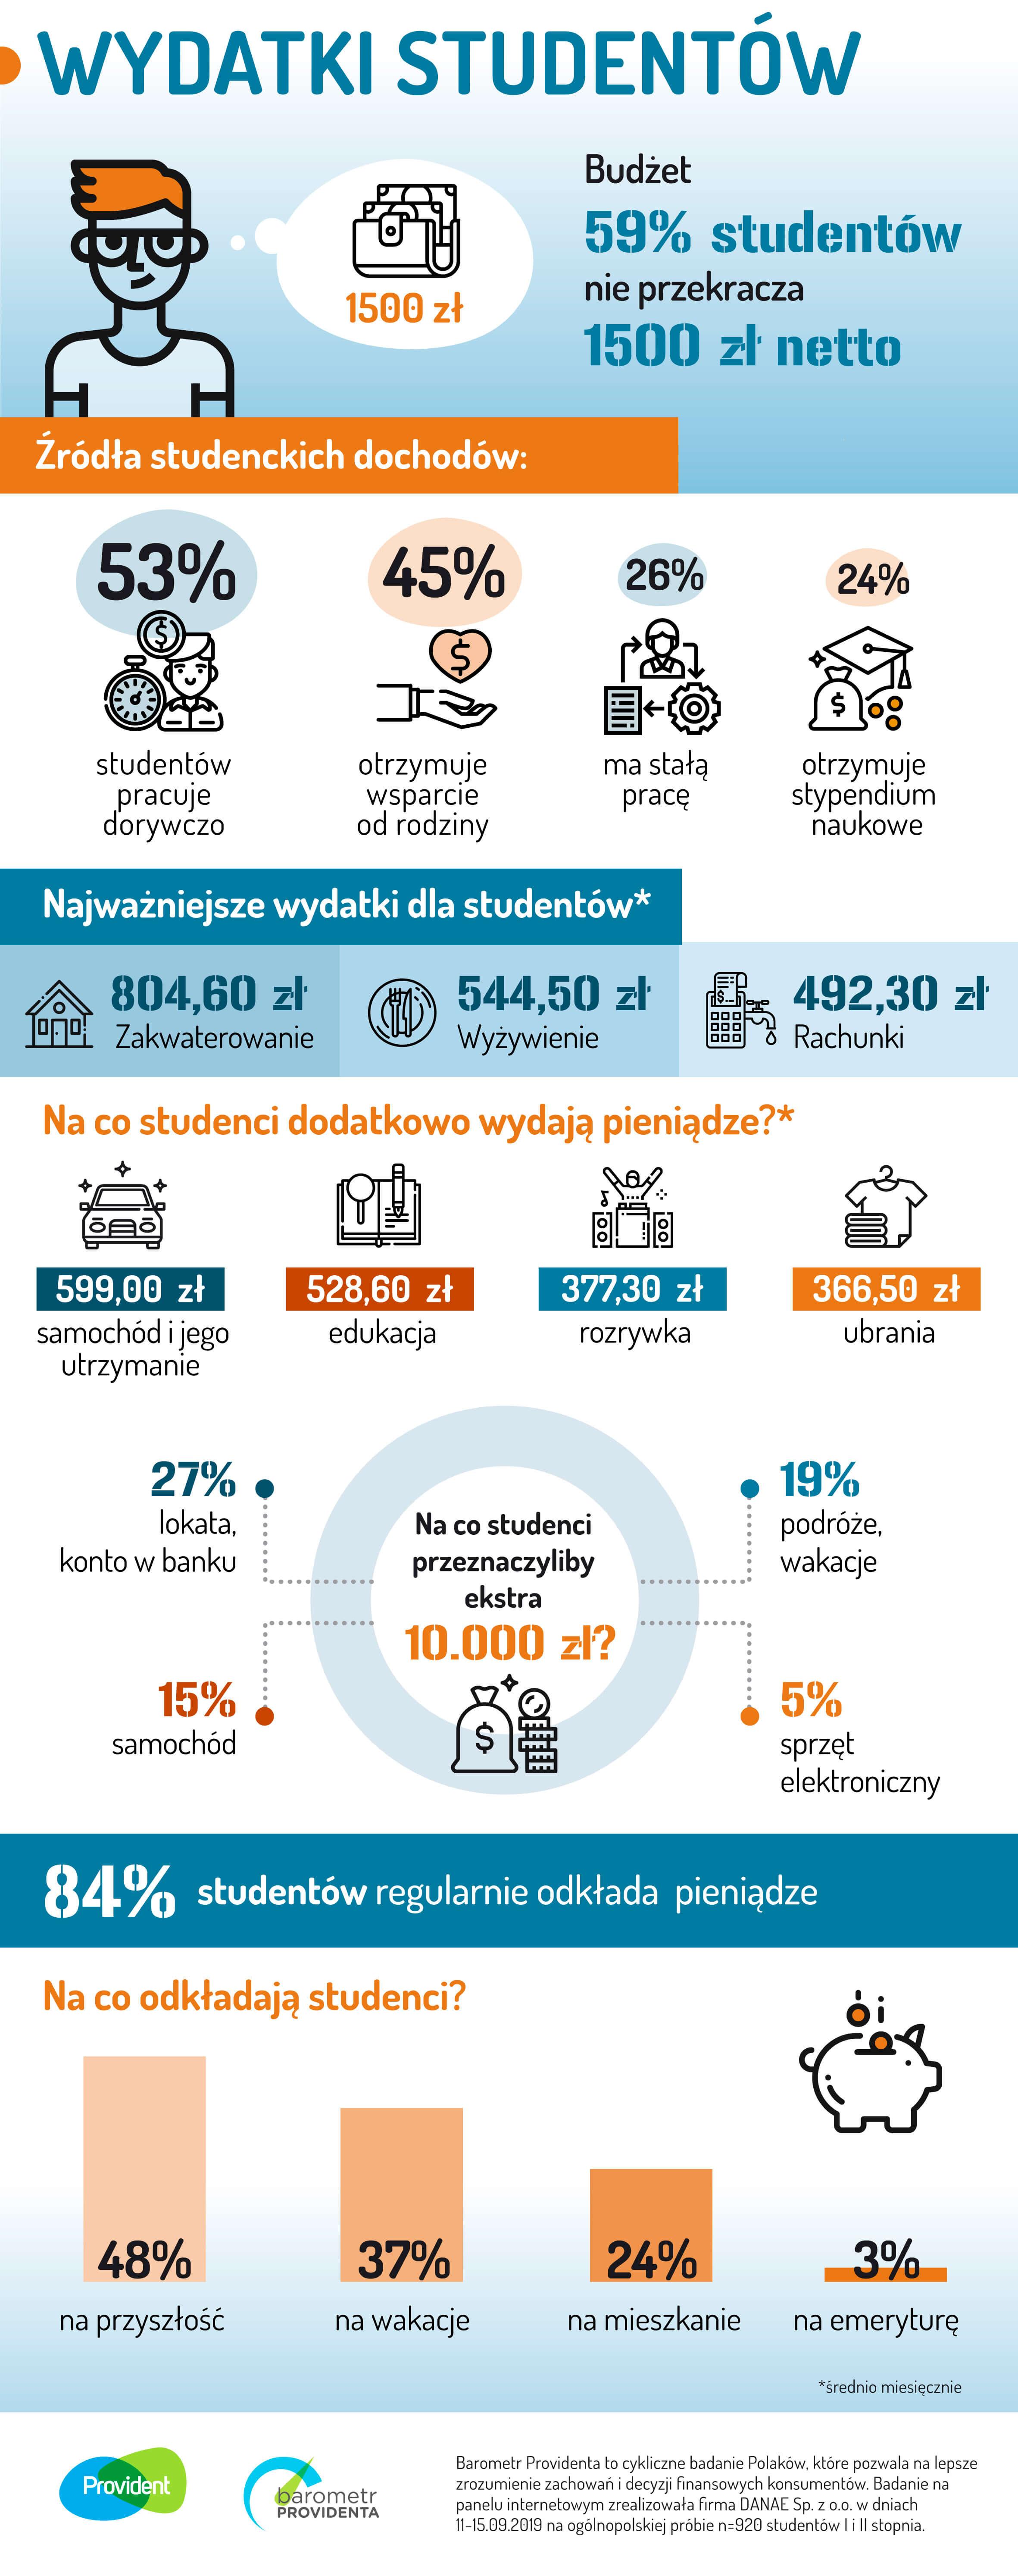 wydatki studentów